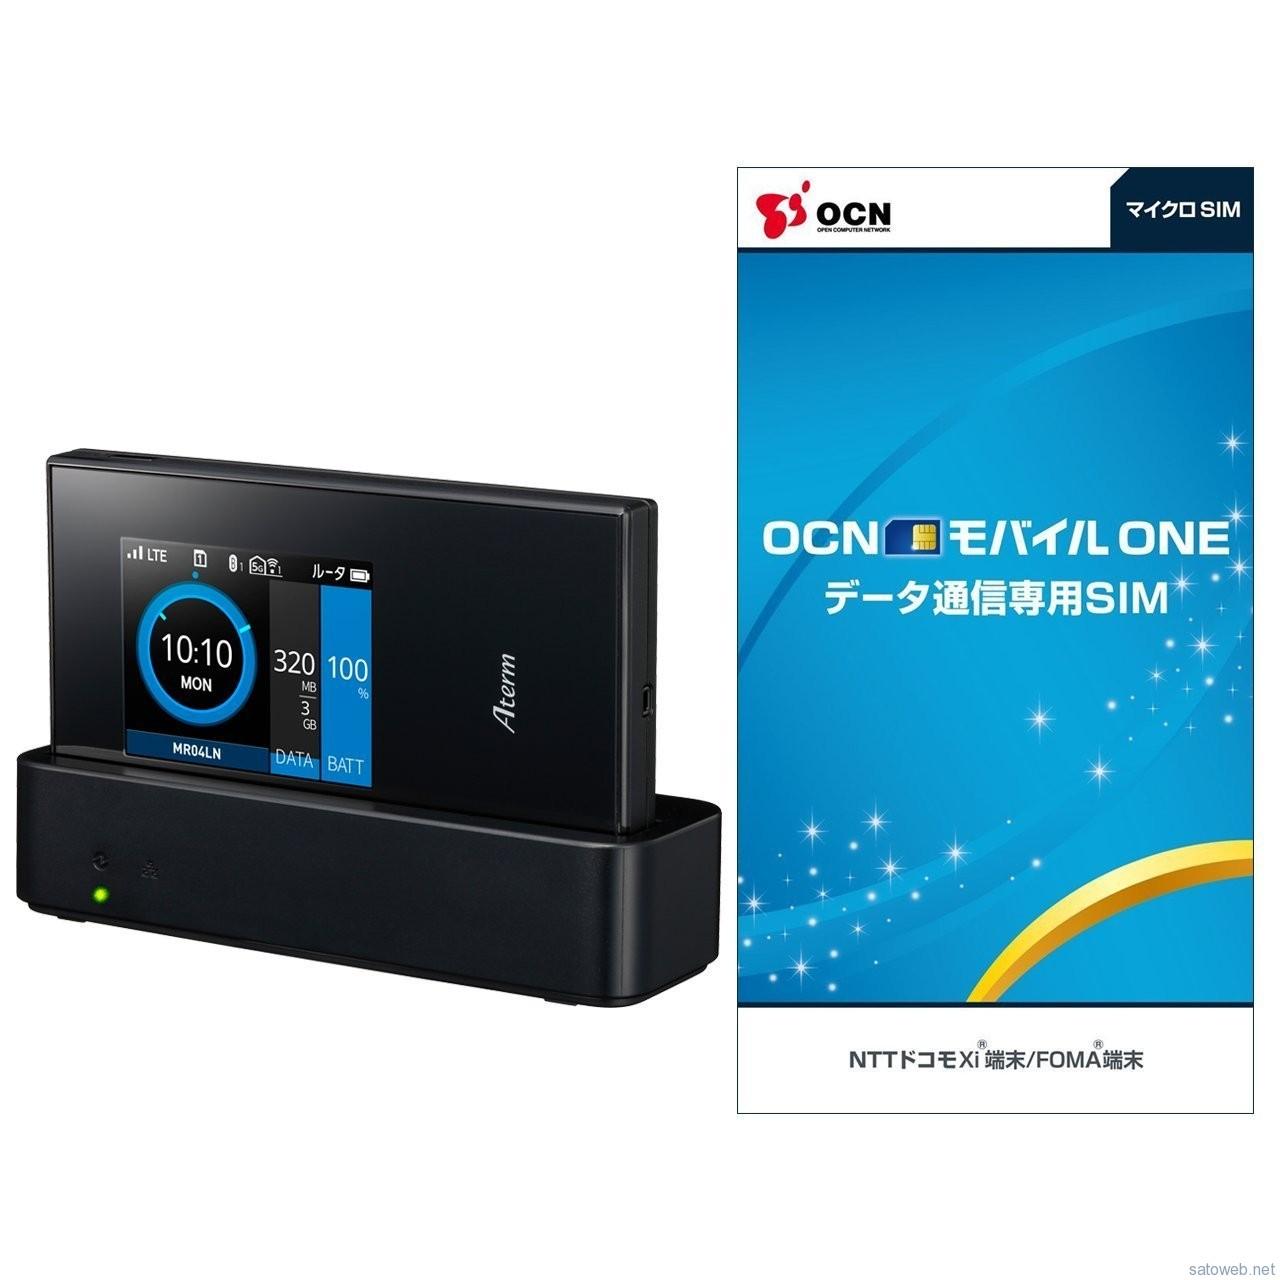 「NEC Aterm MR04LN 3B LTE対応」(クレイドル付) がAmazonにて特選商品に 12月1日限りで 18,350円なり。